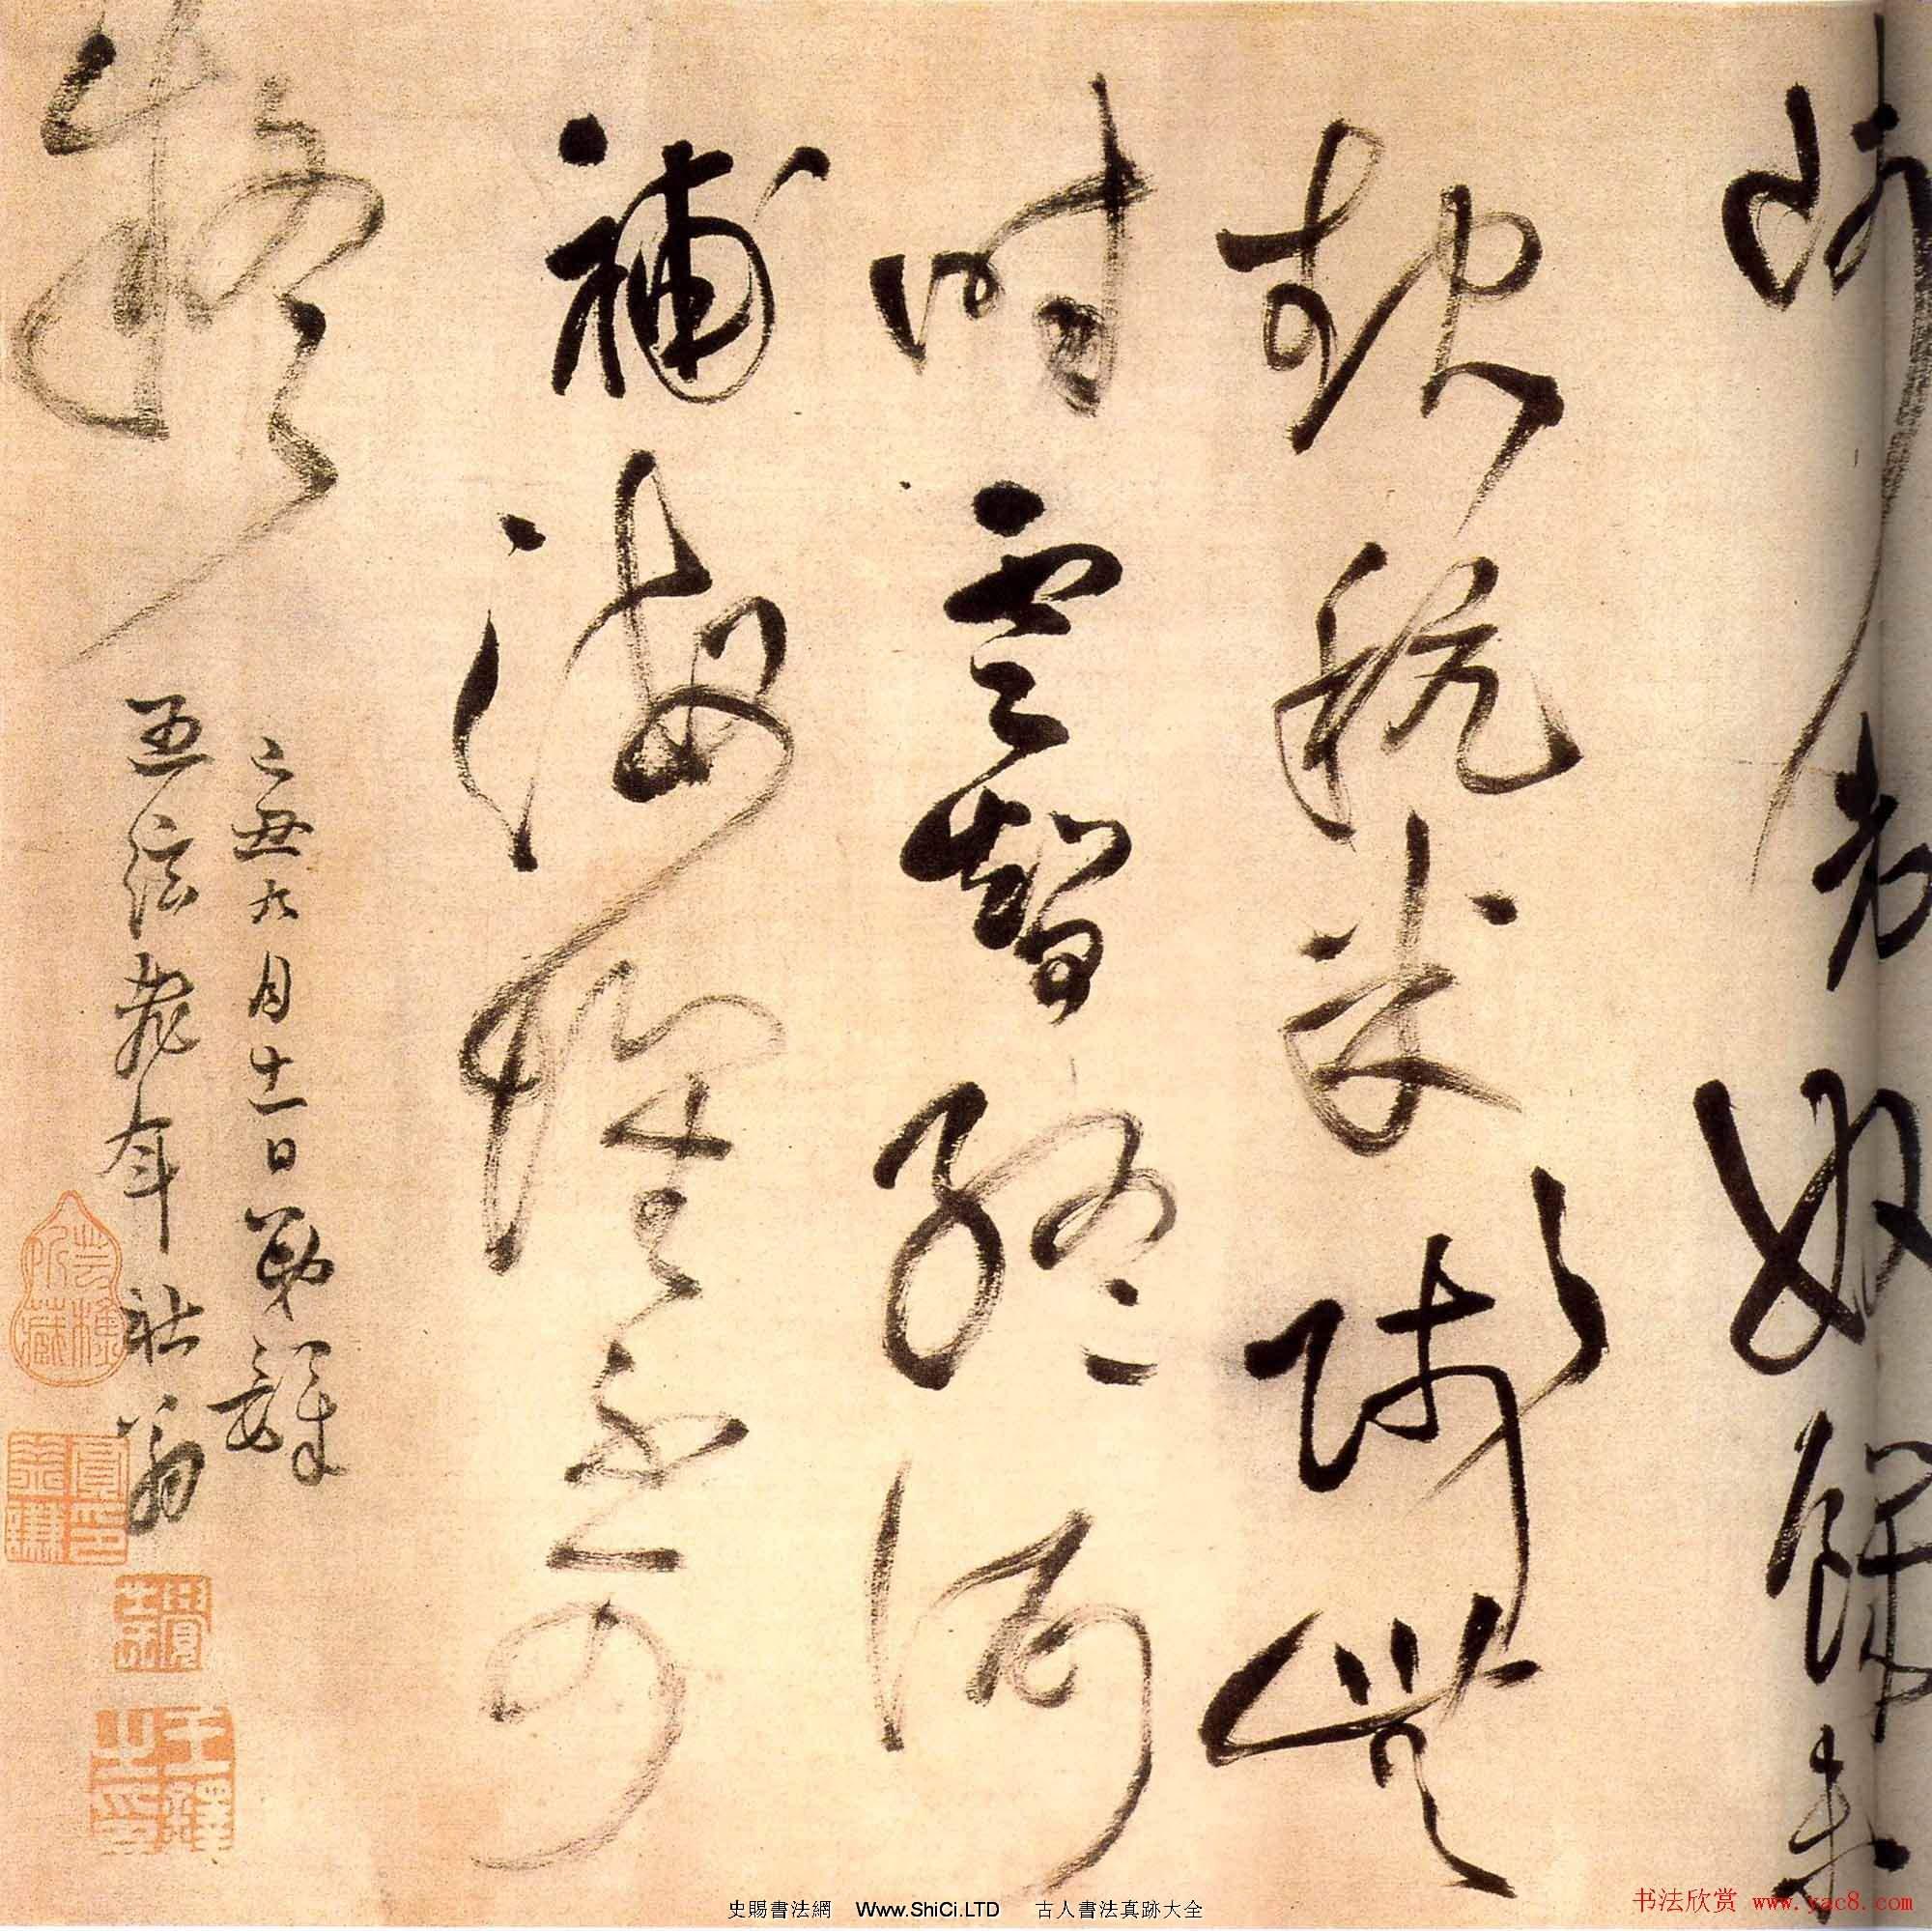 王鐸草書欣賞《念弟風雷書法長卷》